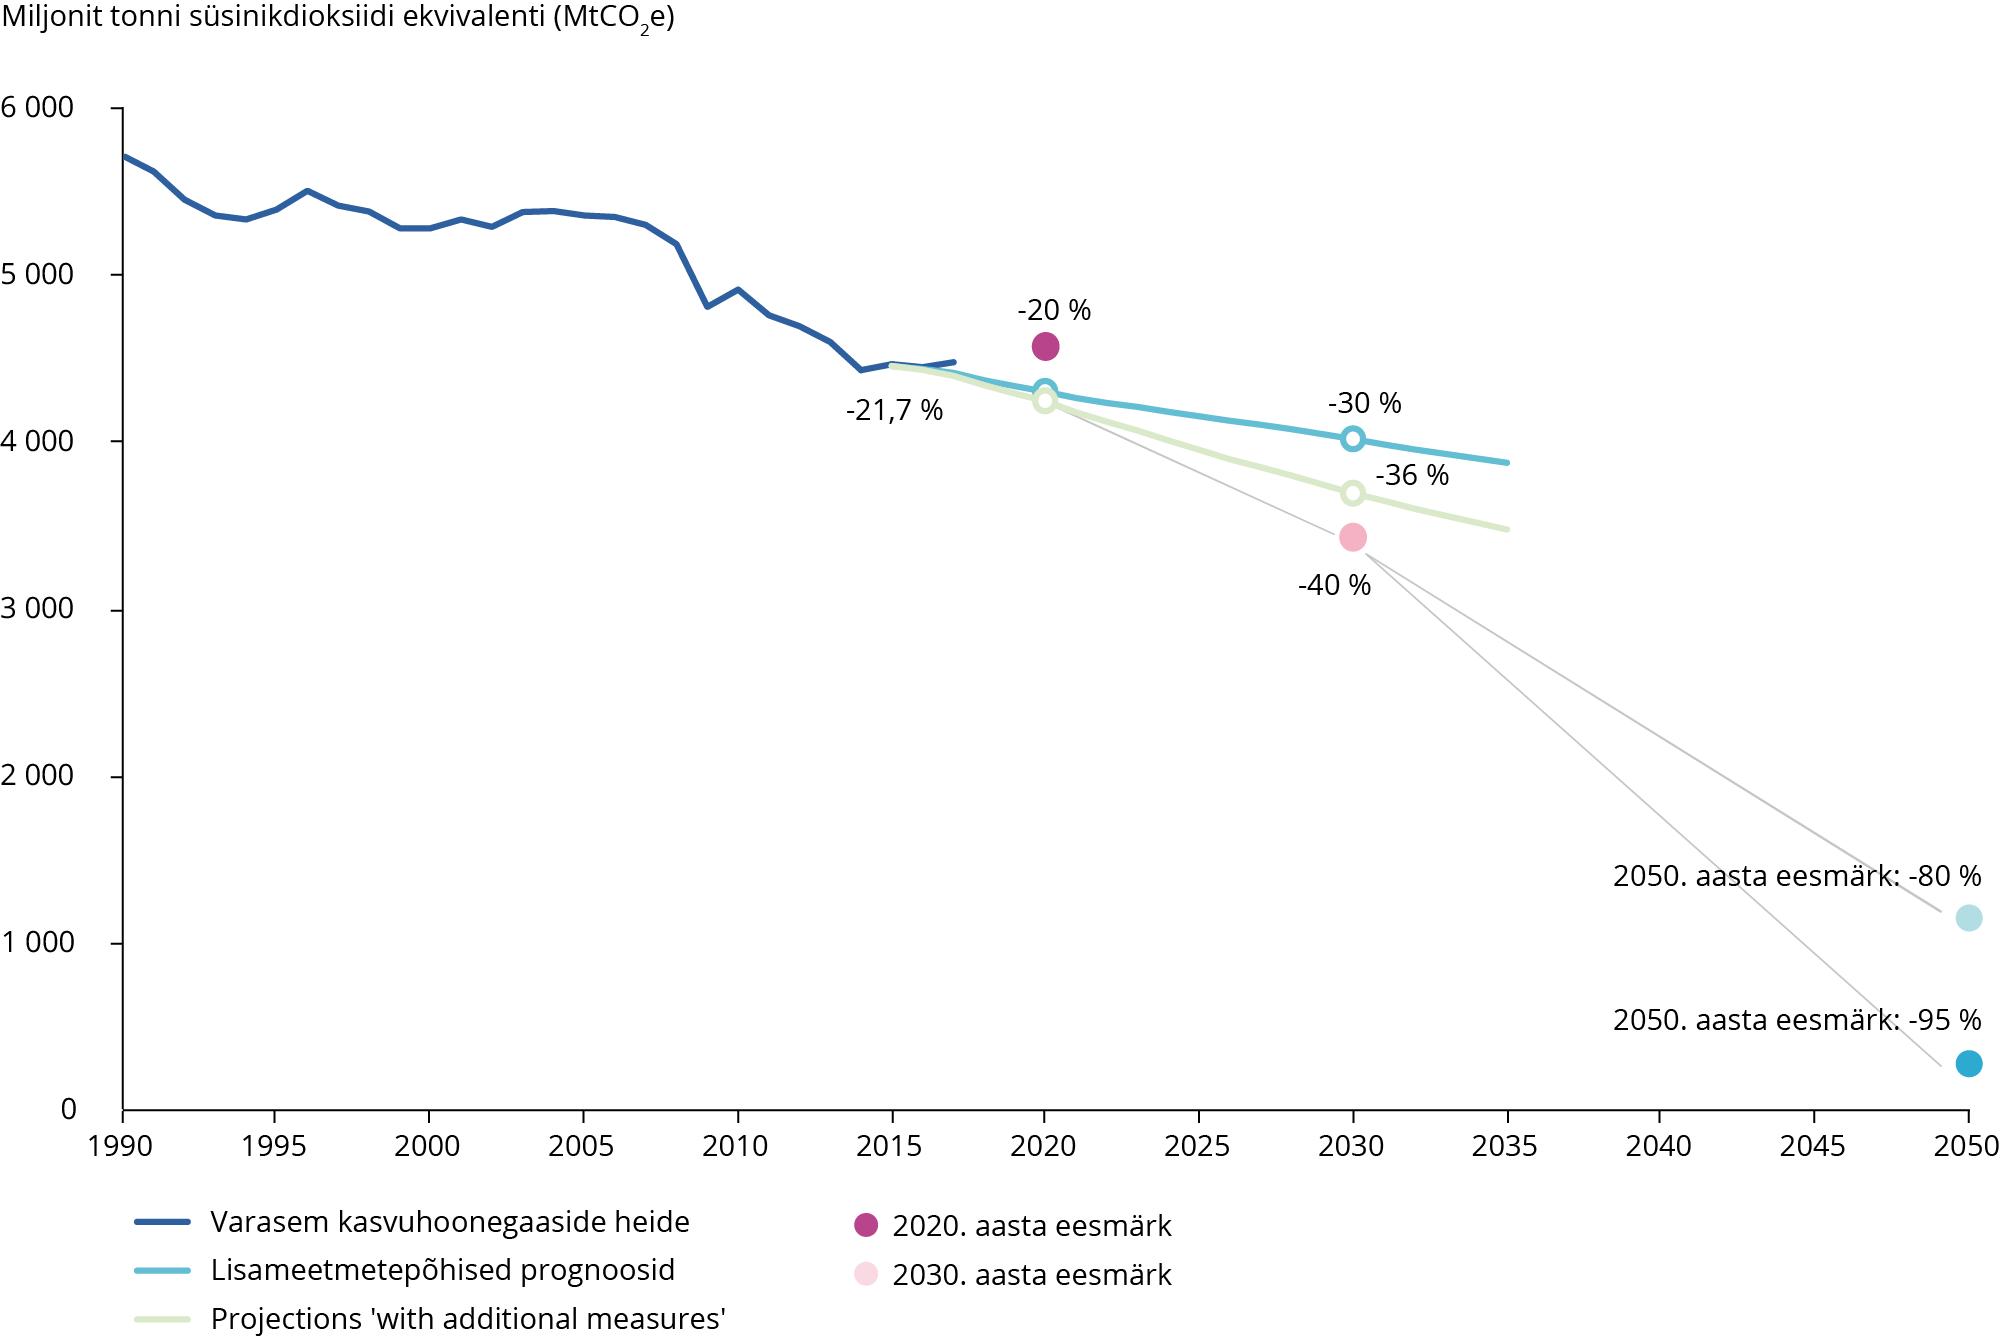 Kasvuhoonegaaside heite suundumused ja prognoosid ELi 28 liikmesriigis, 1990–2050